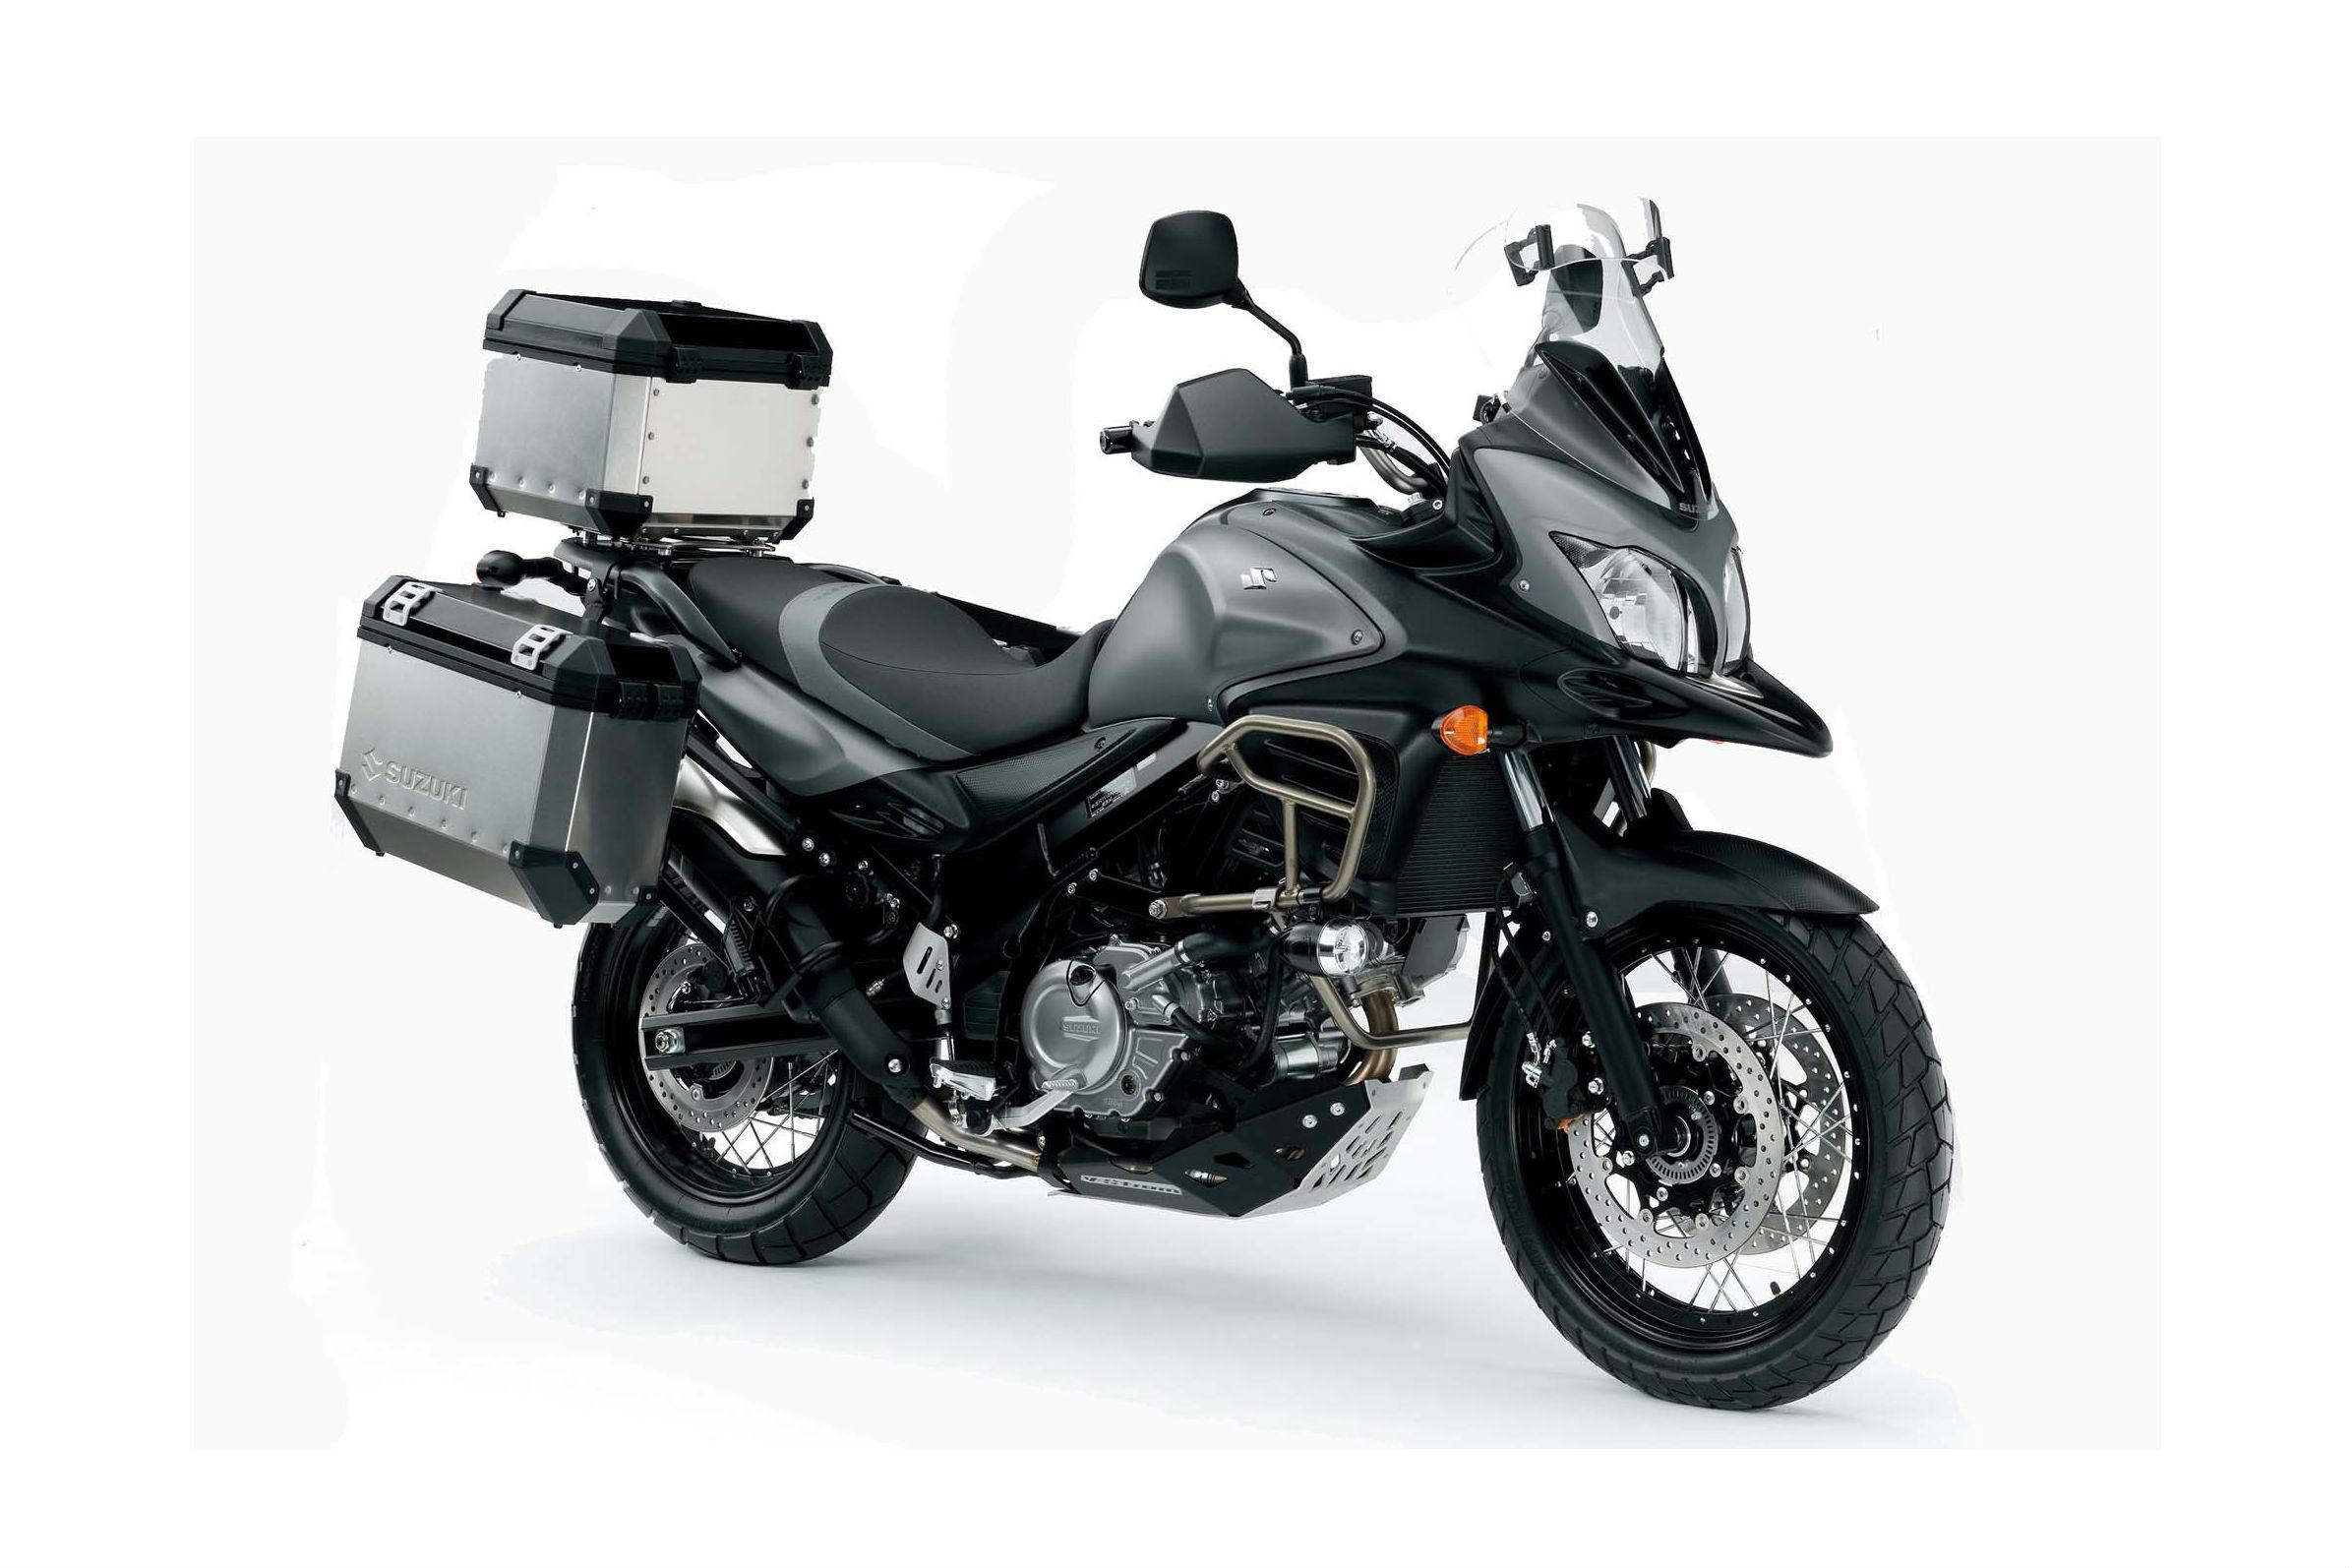 Suzuki's new V-Strom 650XT now in dealers